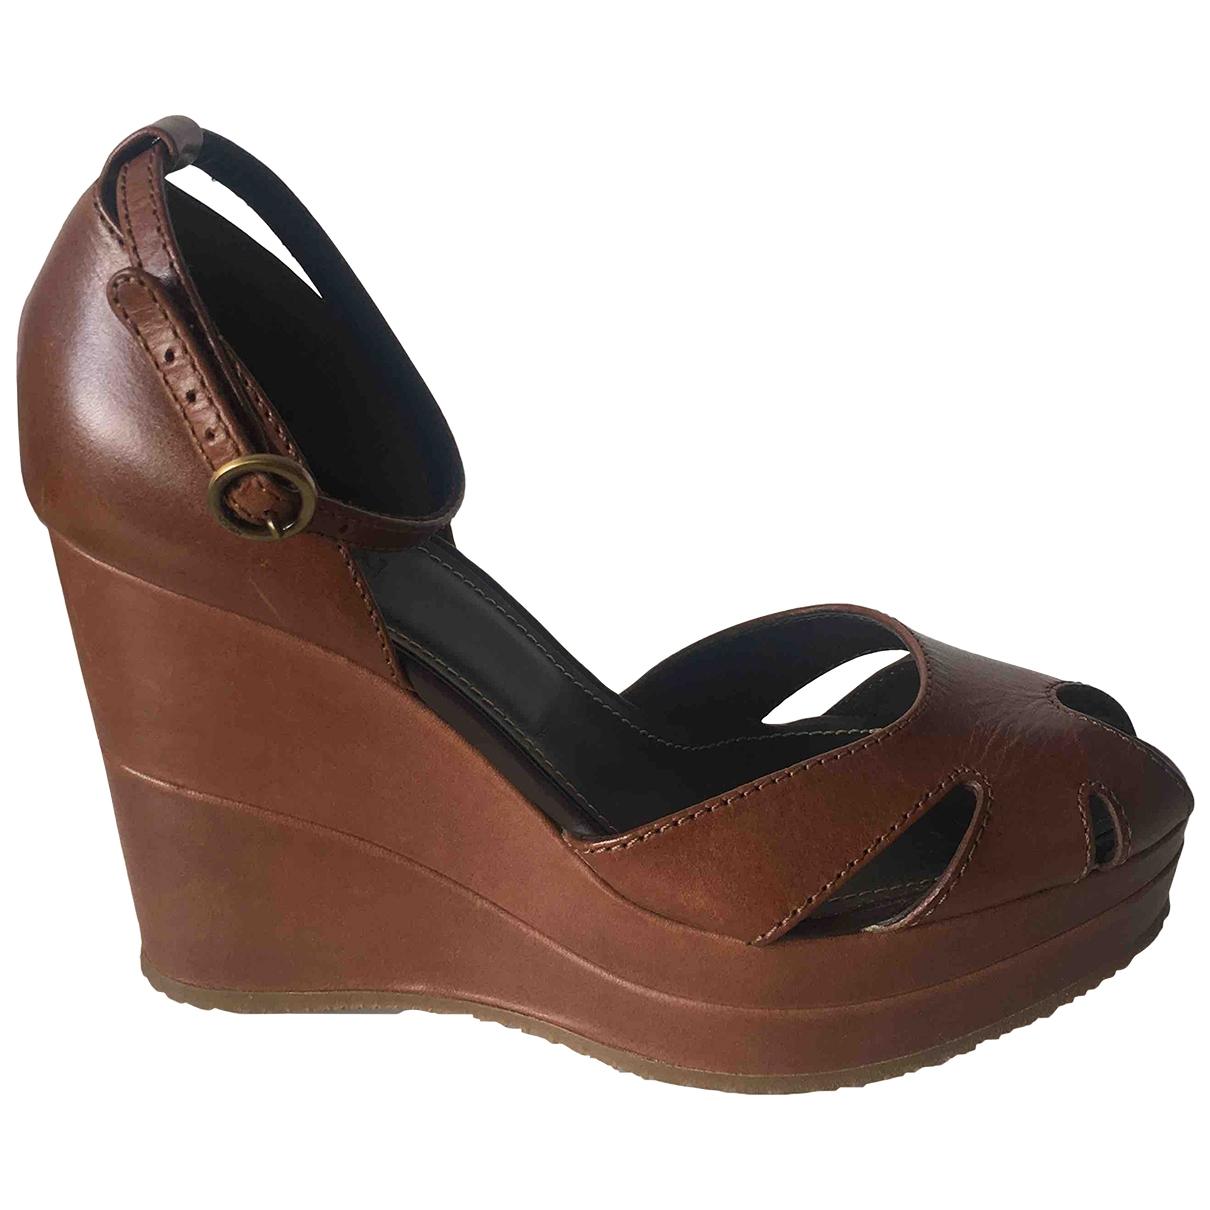 Hogan - Sandales   pour femme en cuir - marron